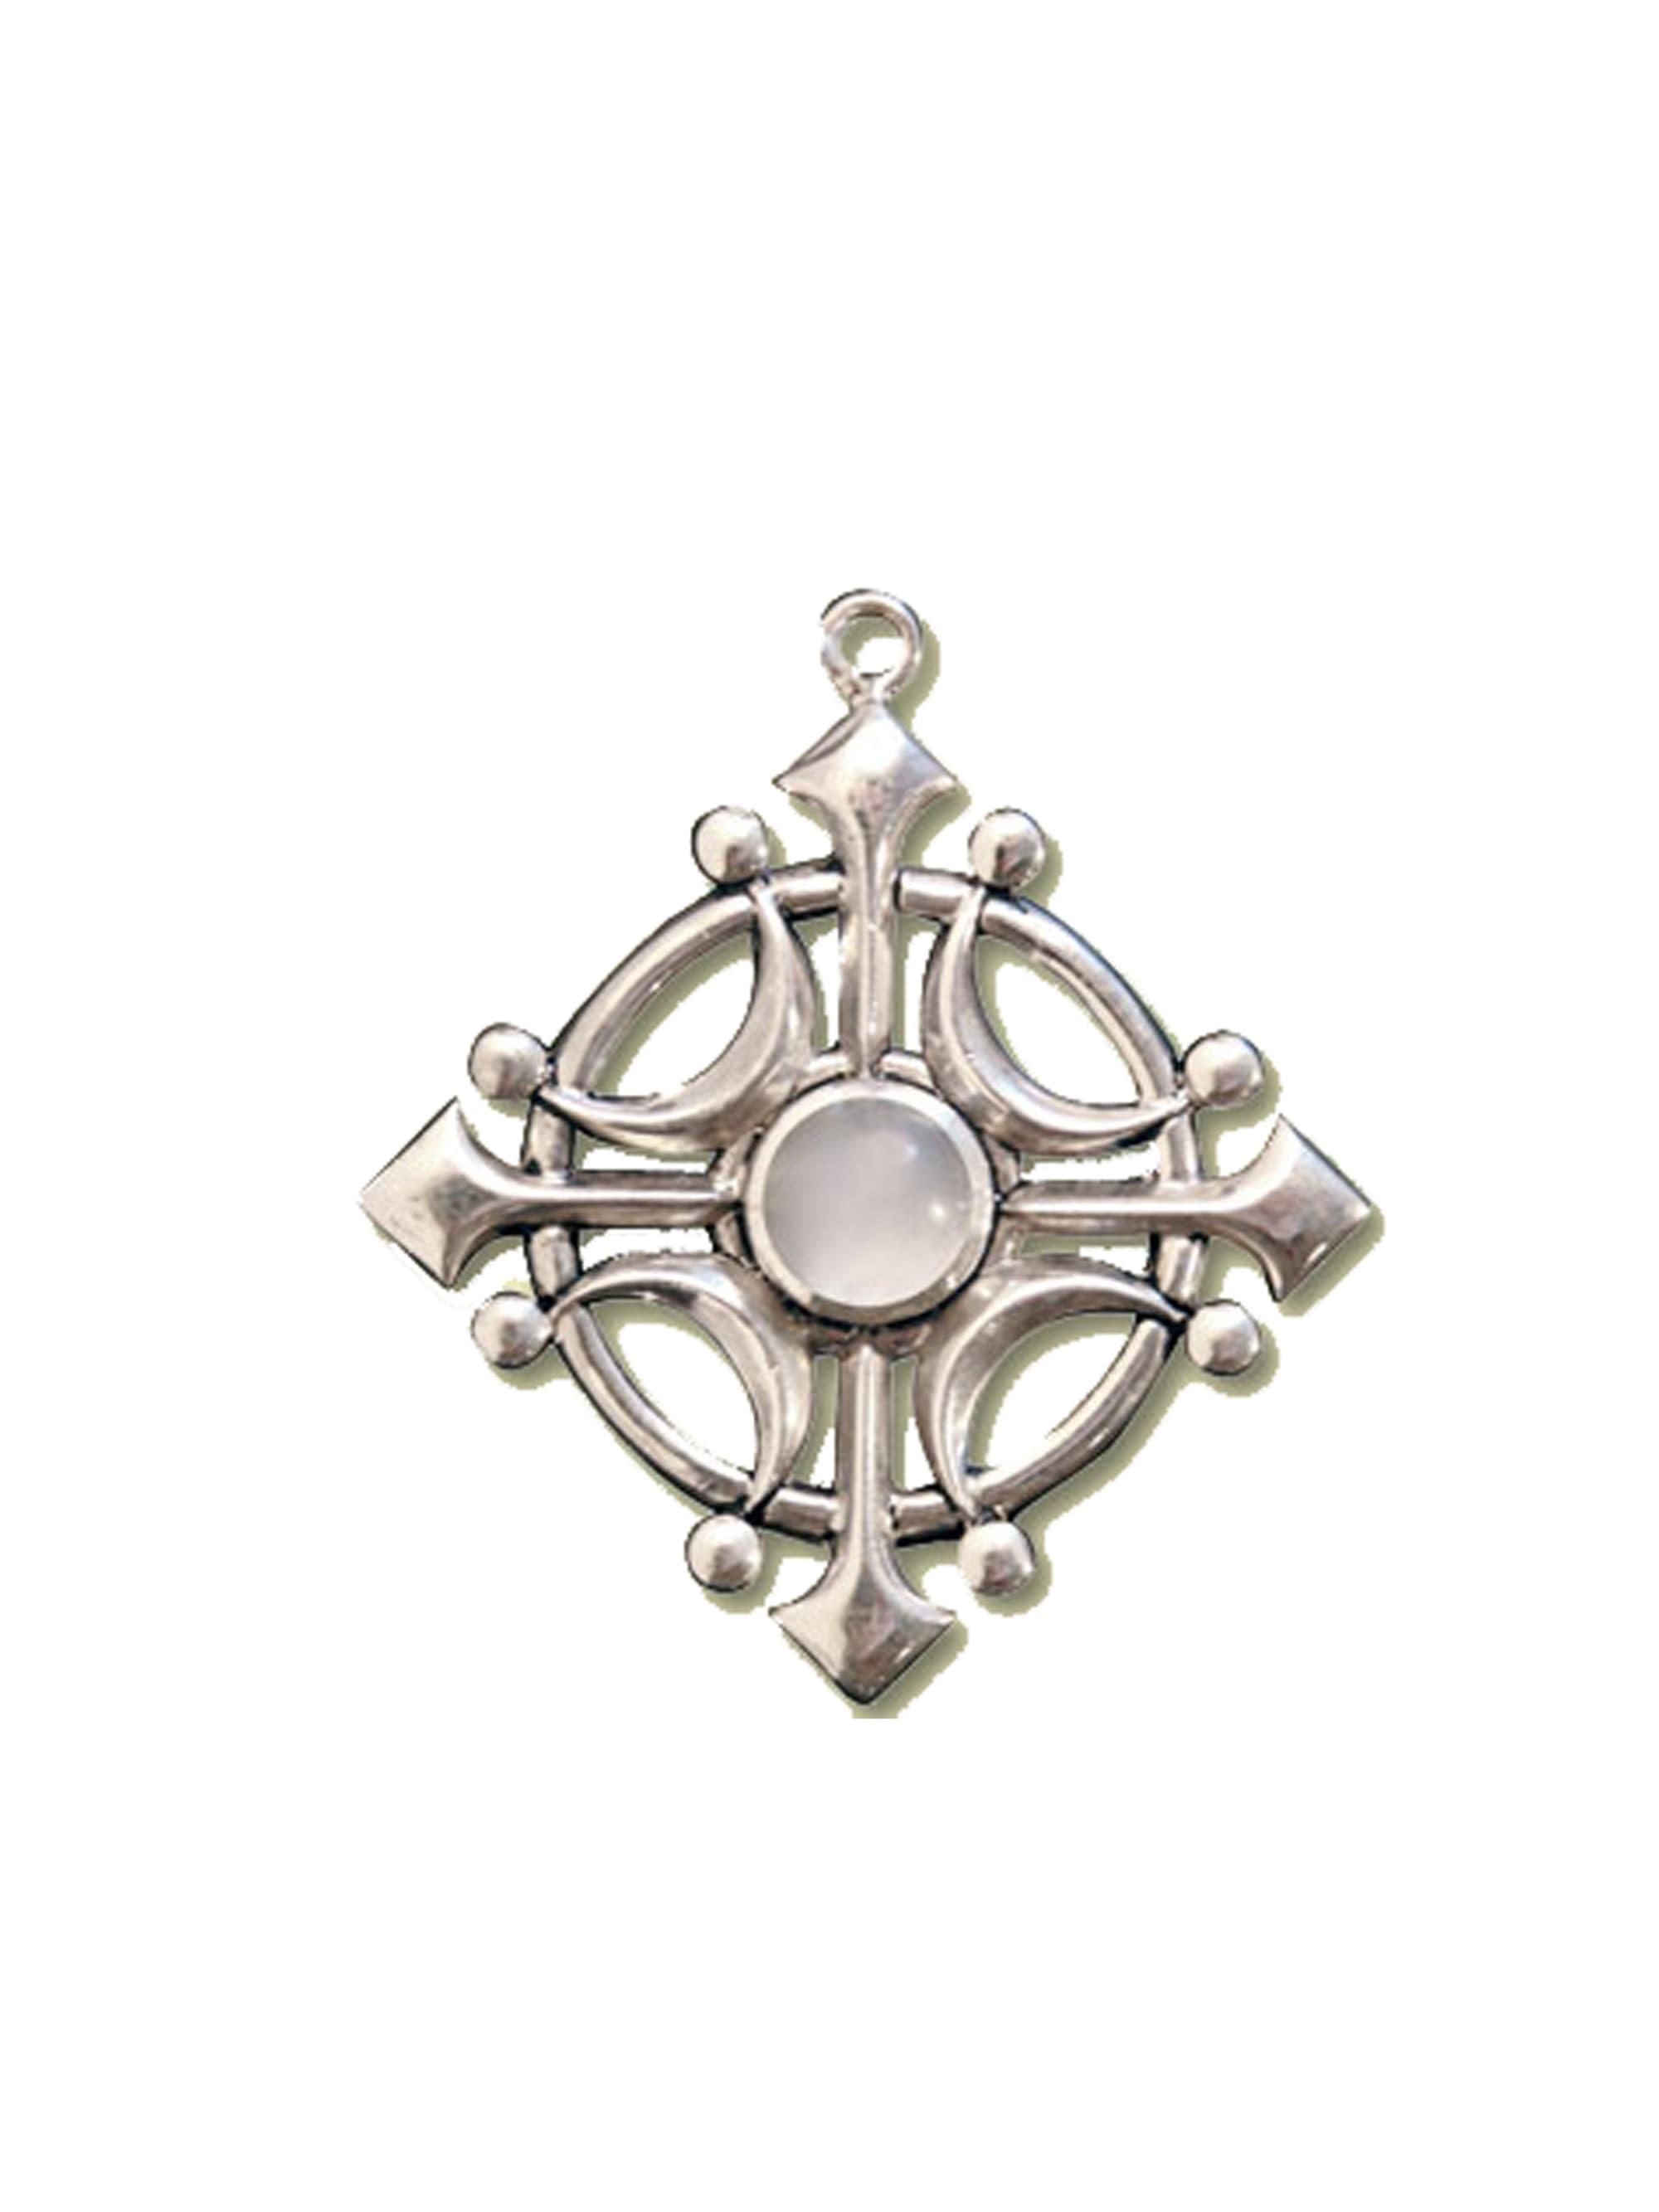 1001 Diamonds Anhänger Amulett Selene's Glaive Talisman mit Mondstein - Für Intuition UdlA4